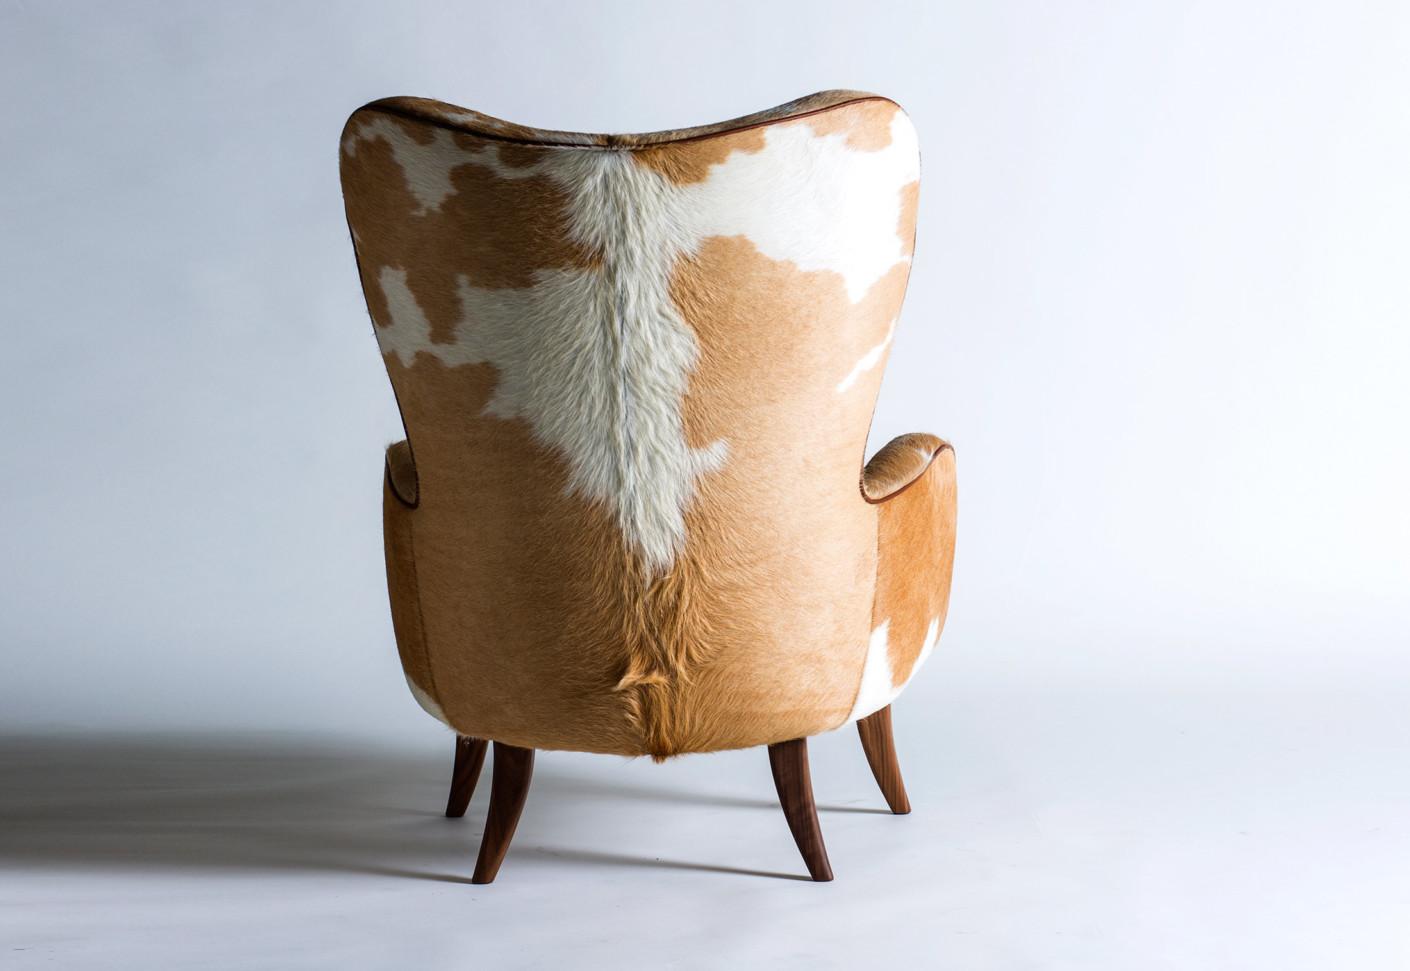 schwadron hiback sessel by wohnkultur 66 stylepark. Black Bedroom Furniture Sets. Home Design Ideas